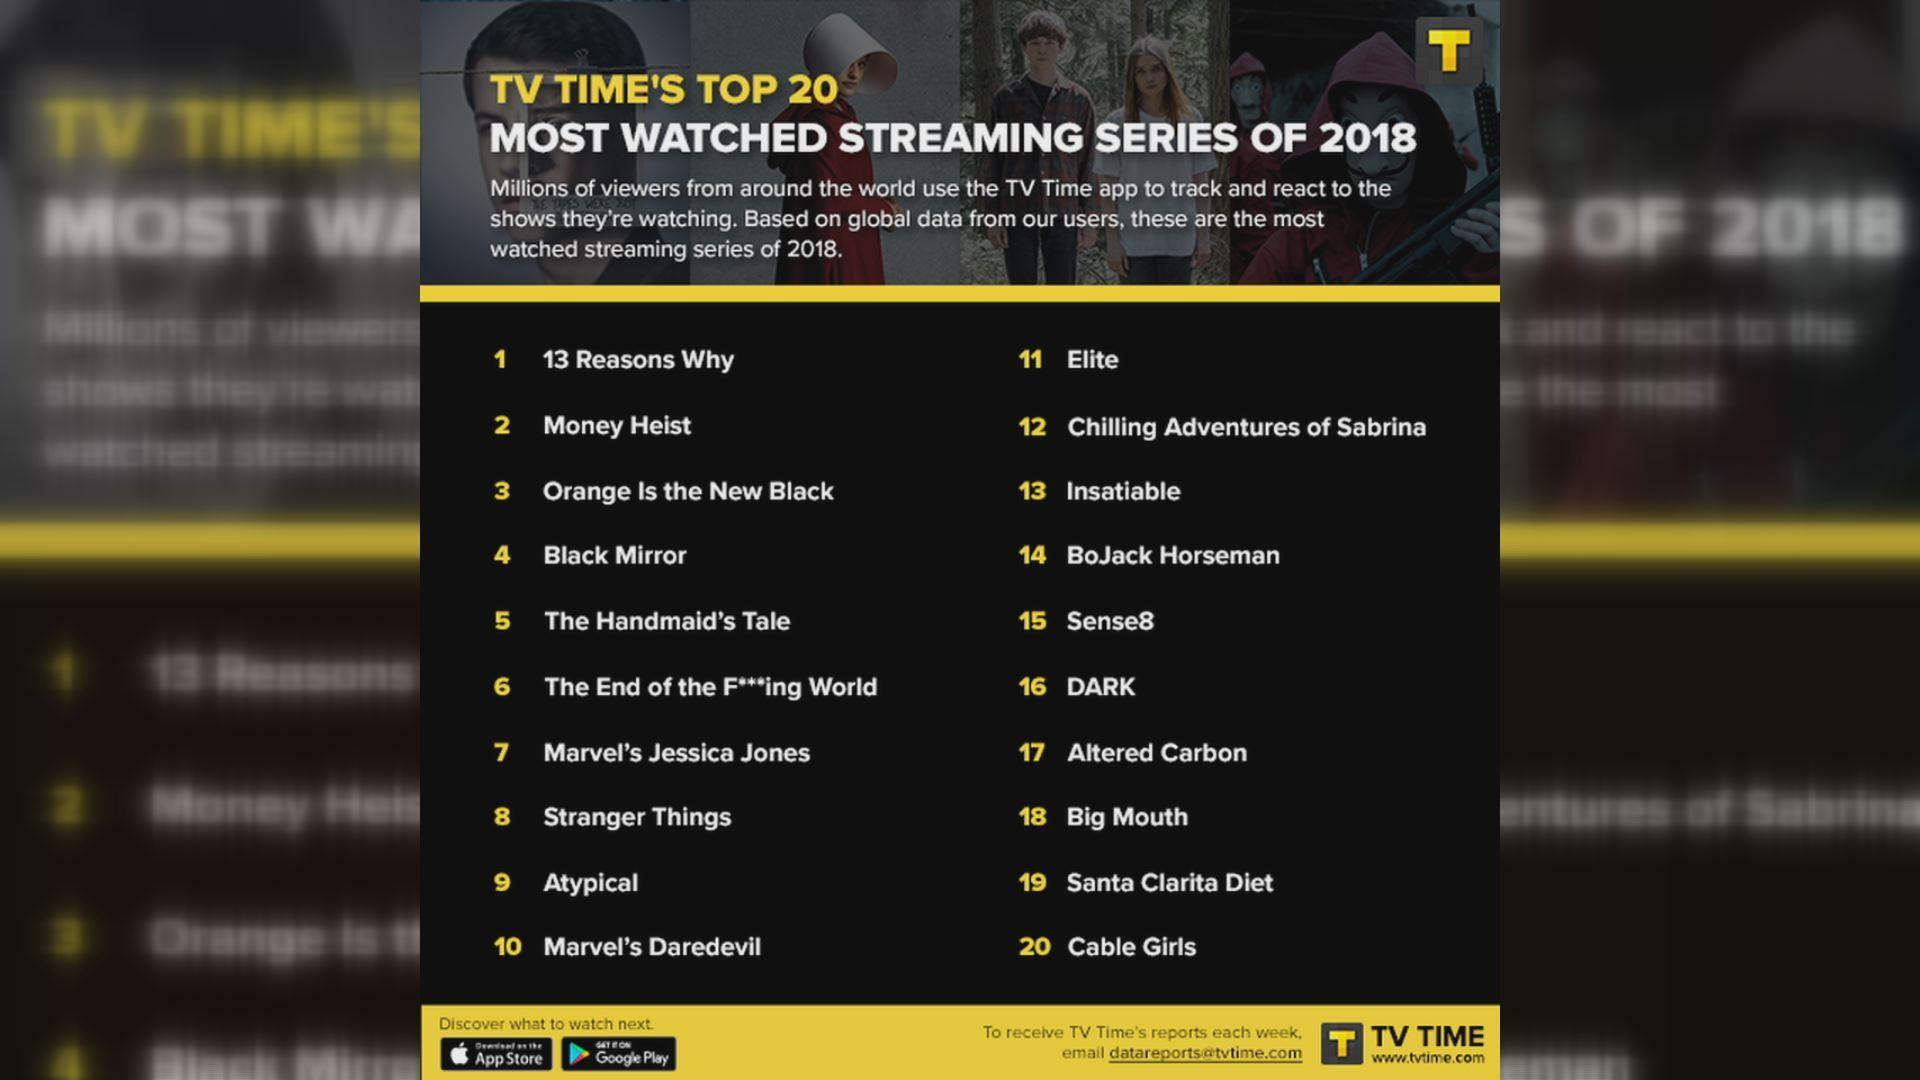 Infografía de TV Time con las series de streaming más vistas del año